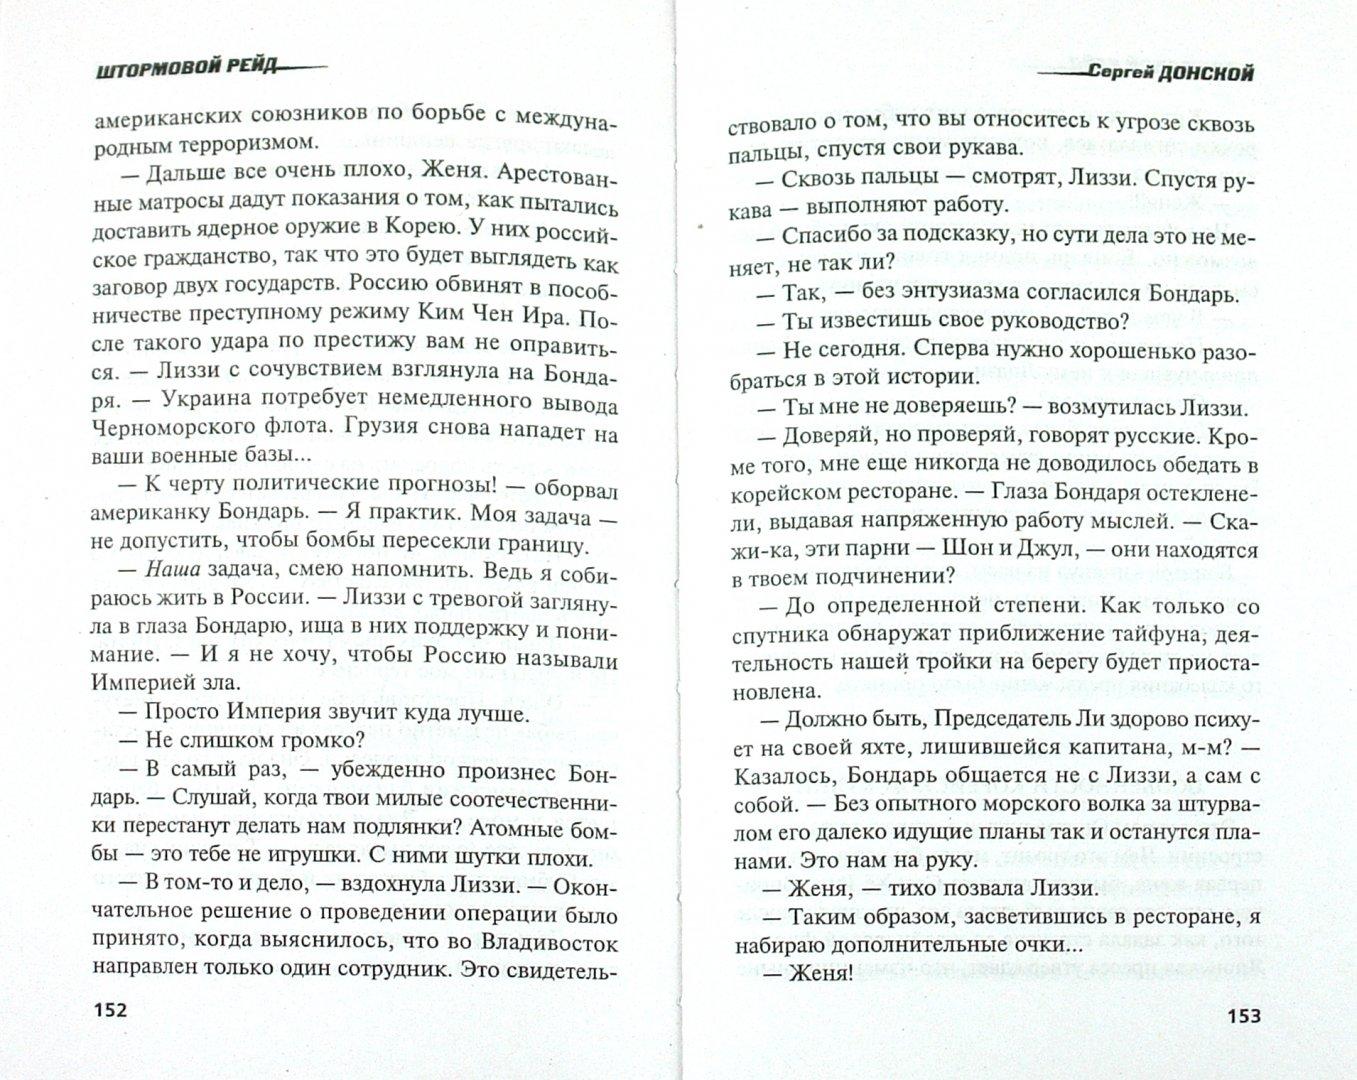 Иллюстрация 1 из 2 для Штормовой рейд - Сергей Донской   Лабиринт - книги. Источник: Лабиринт